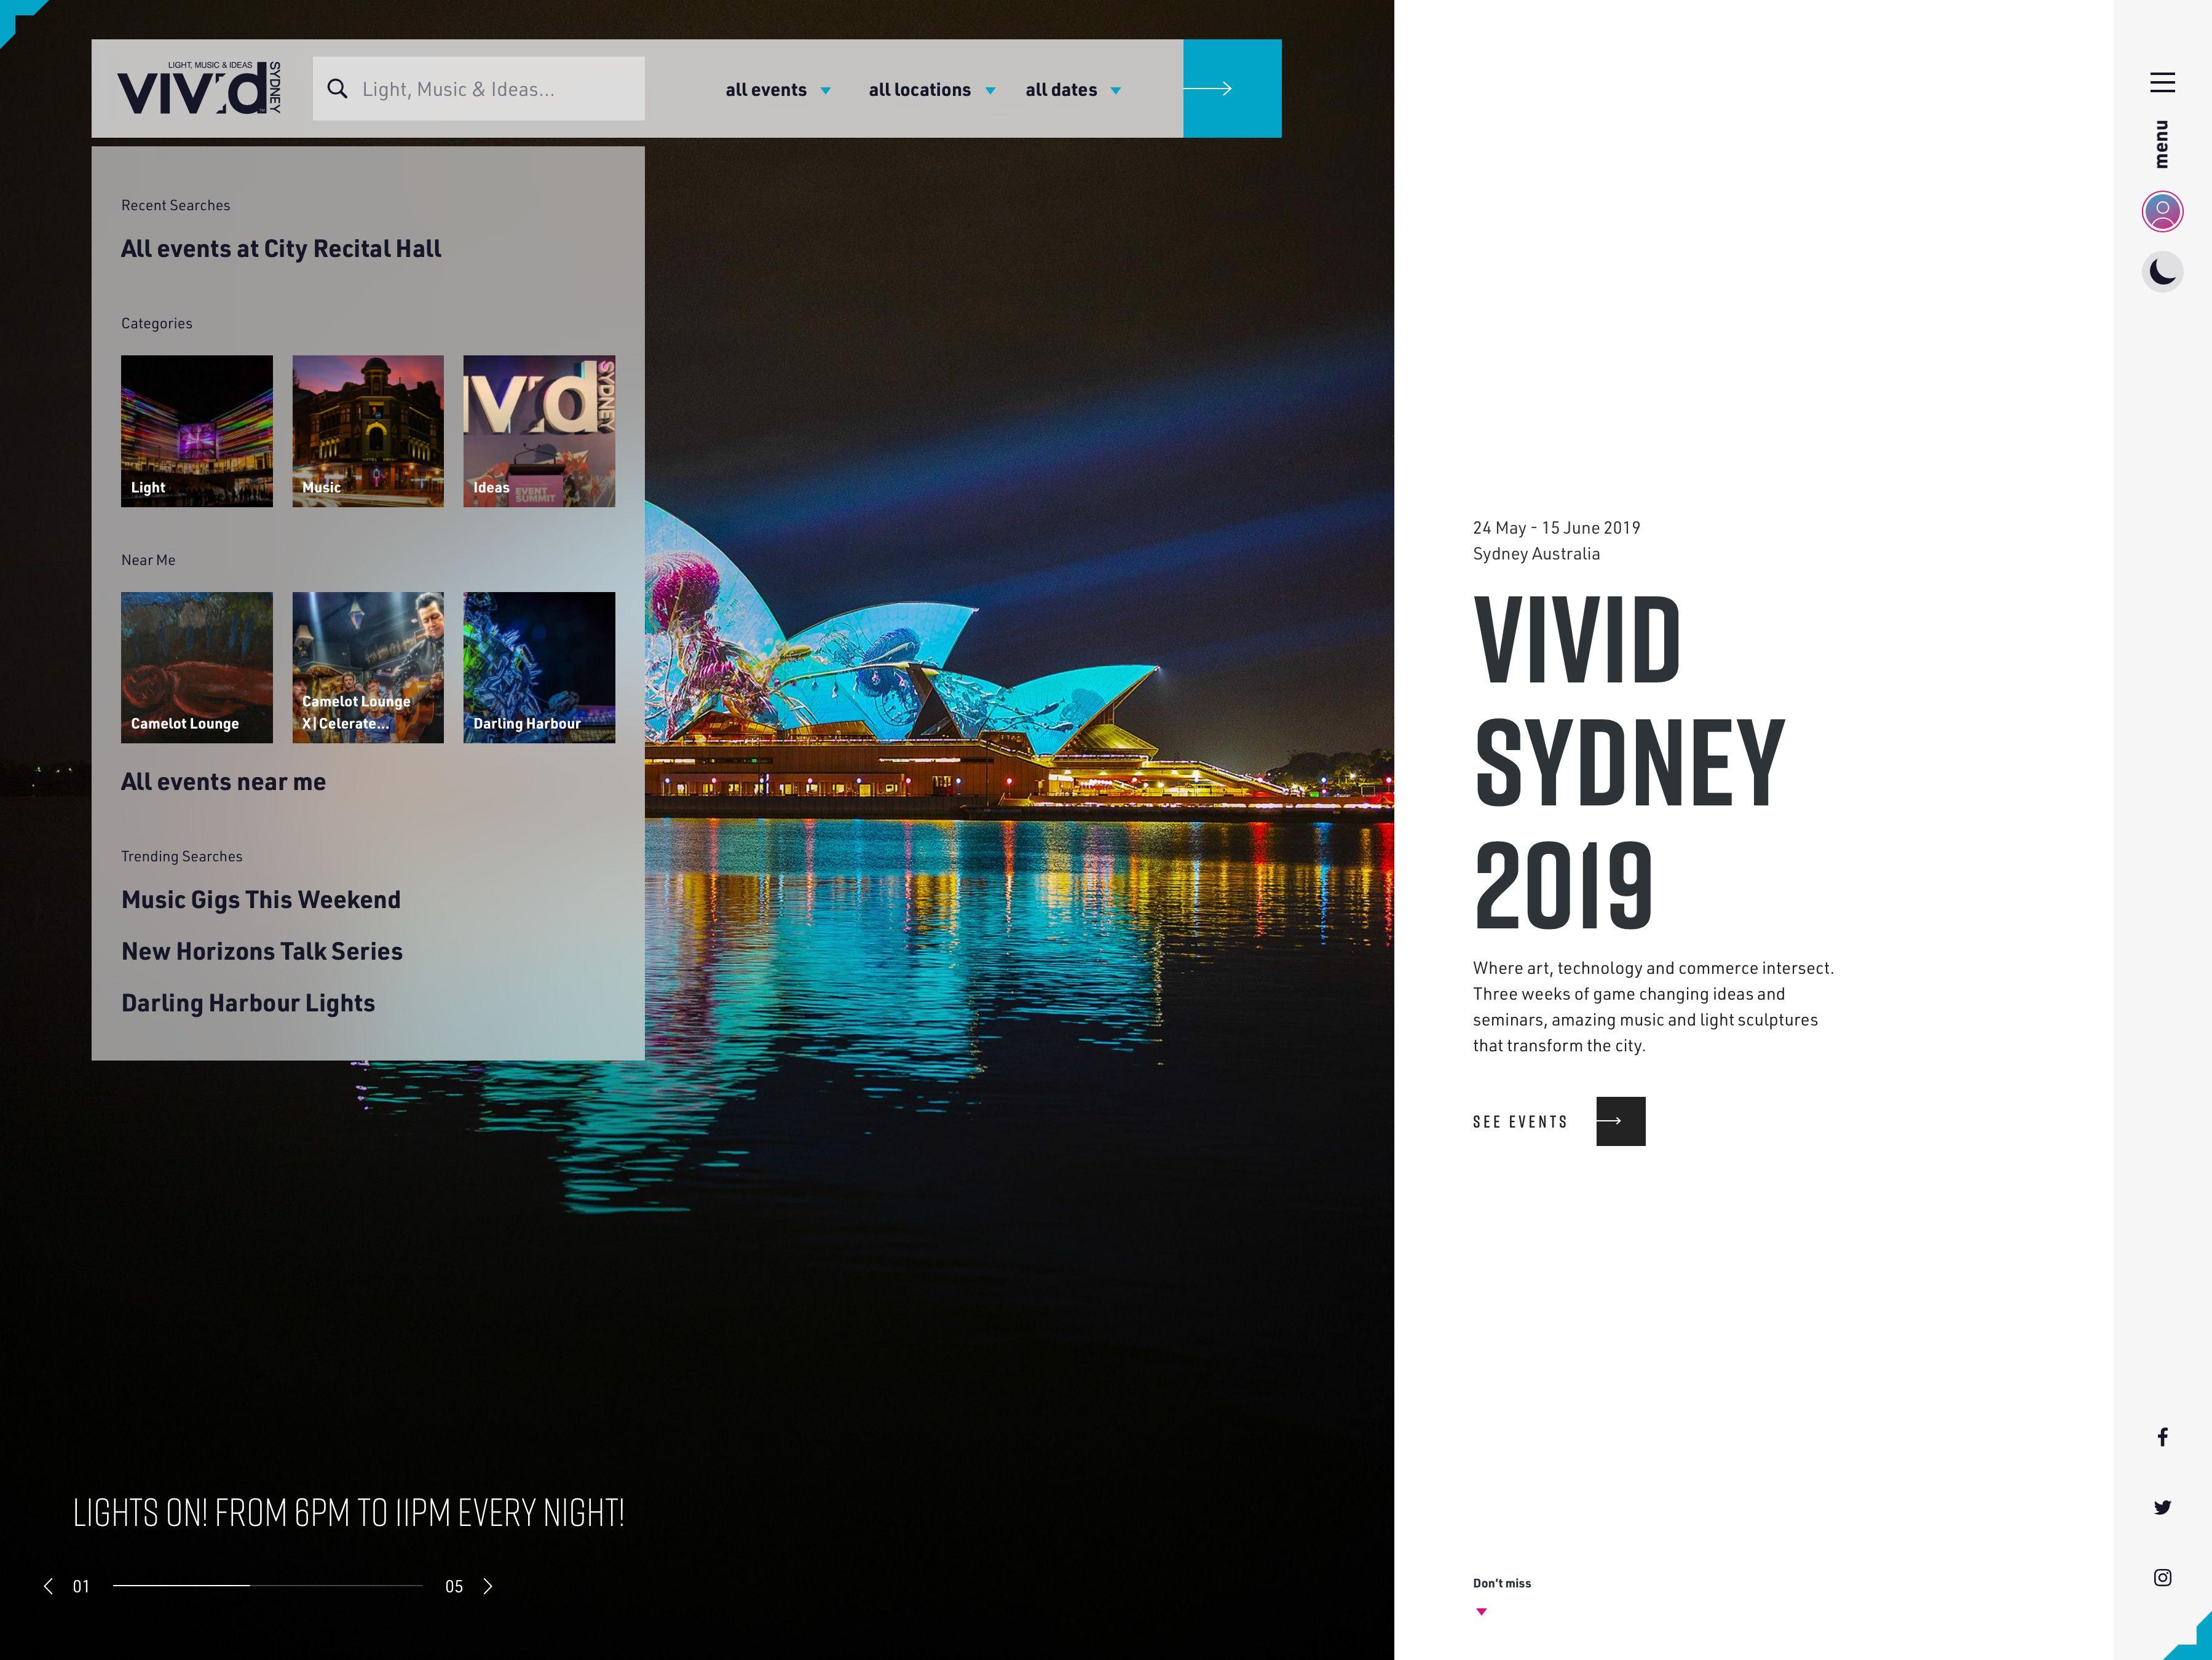 Vivid Sydney 2019 Home Page